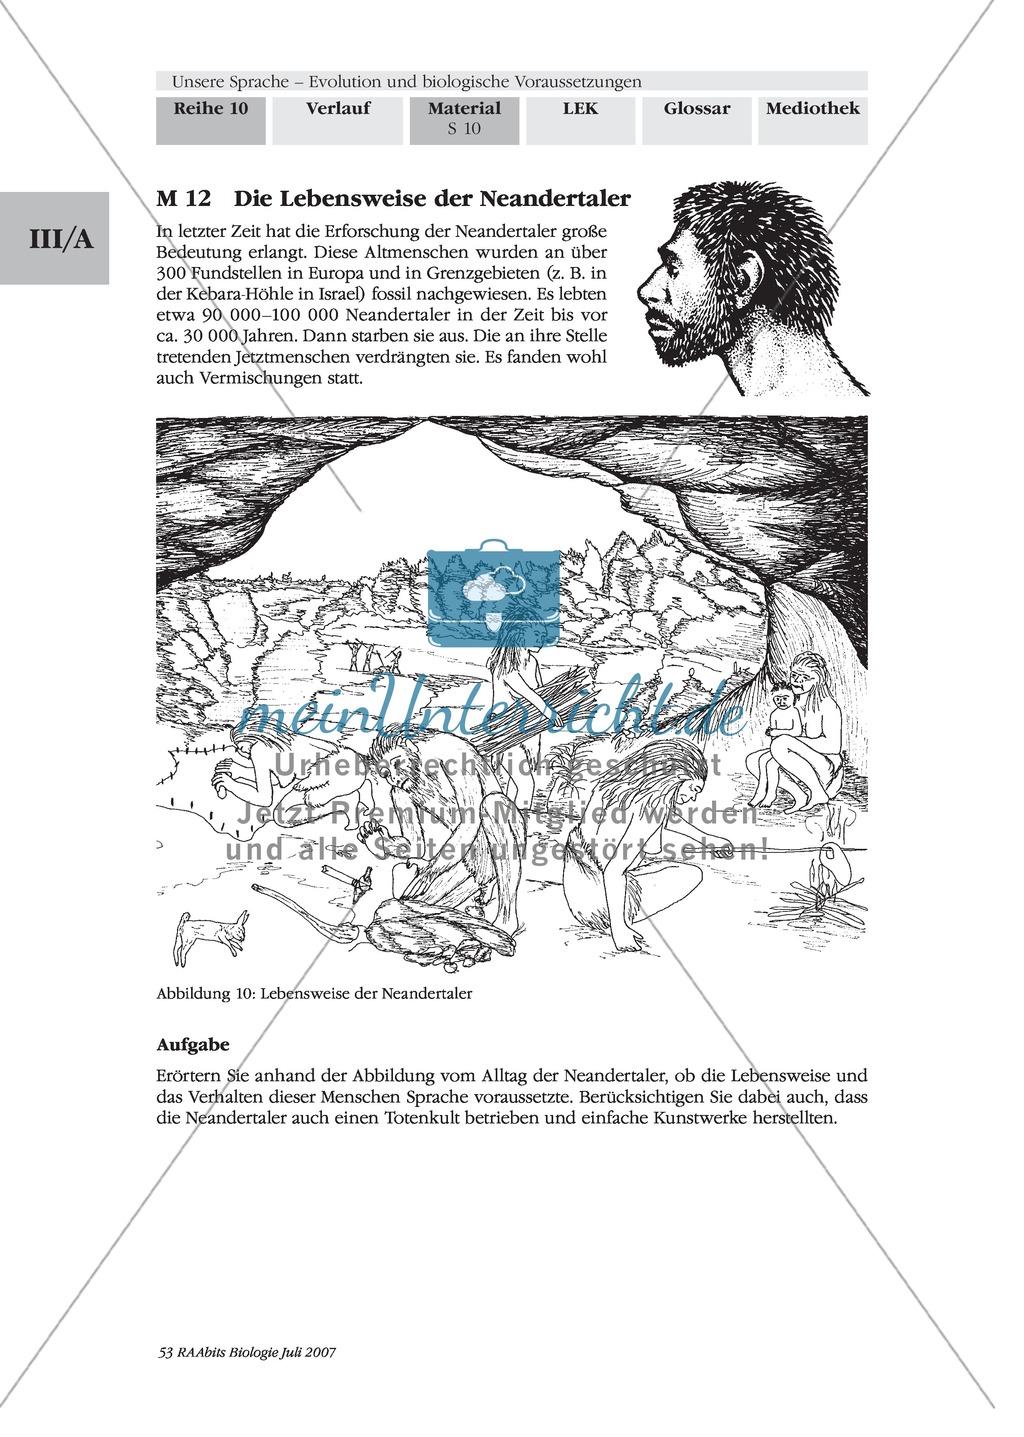 Sprachevolution: Der Ursprung unserer Sprache - Tierlautäußerungen + die Sprache des Menschen Preview 2